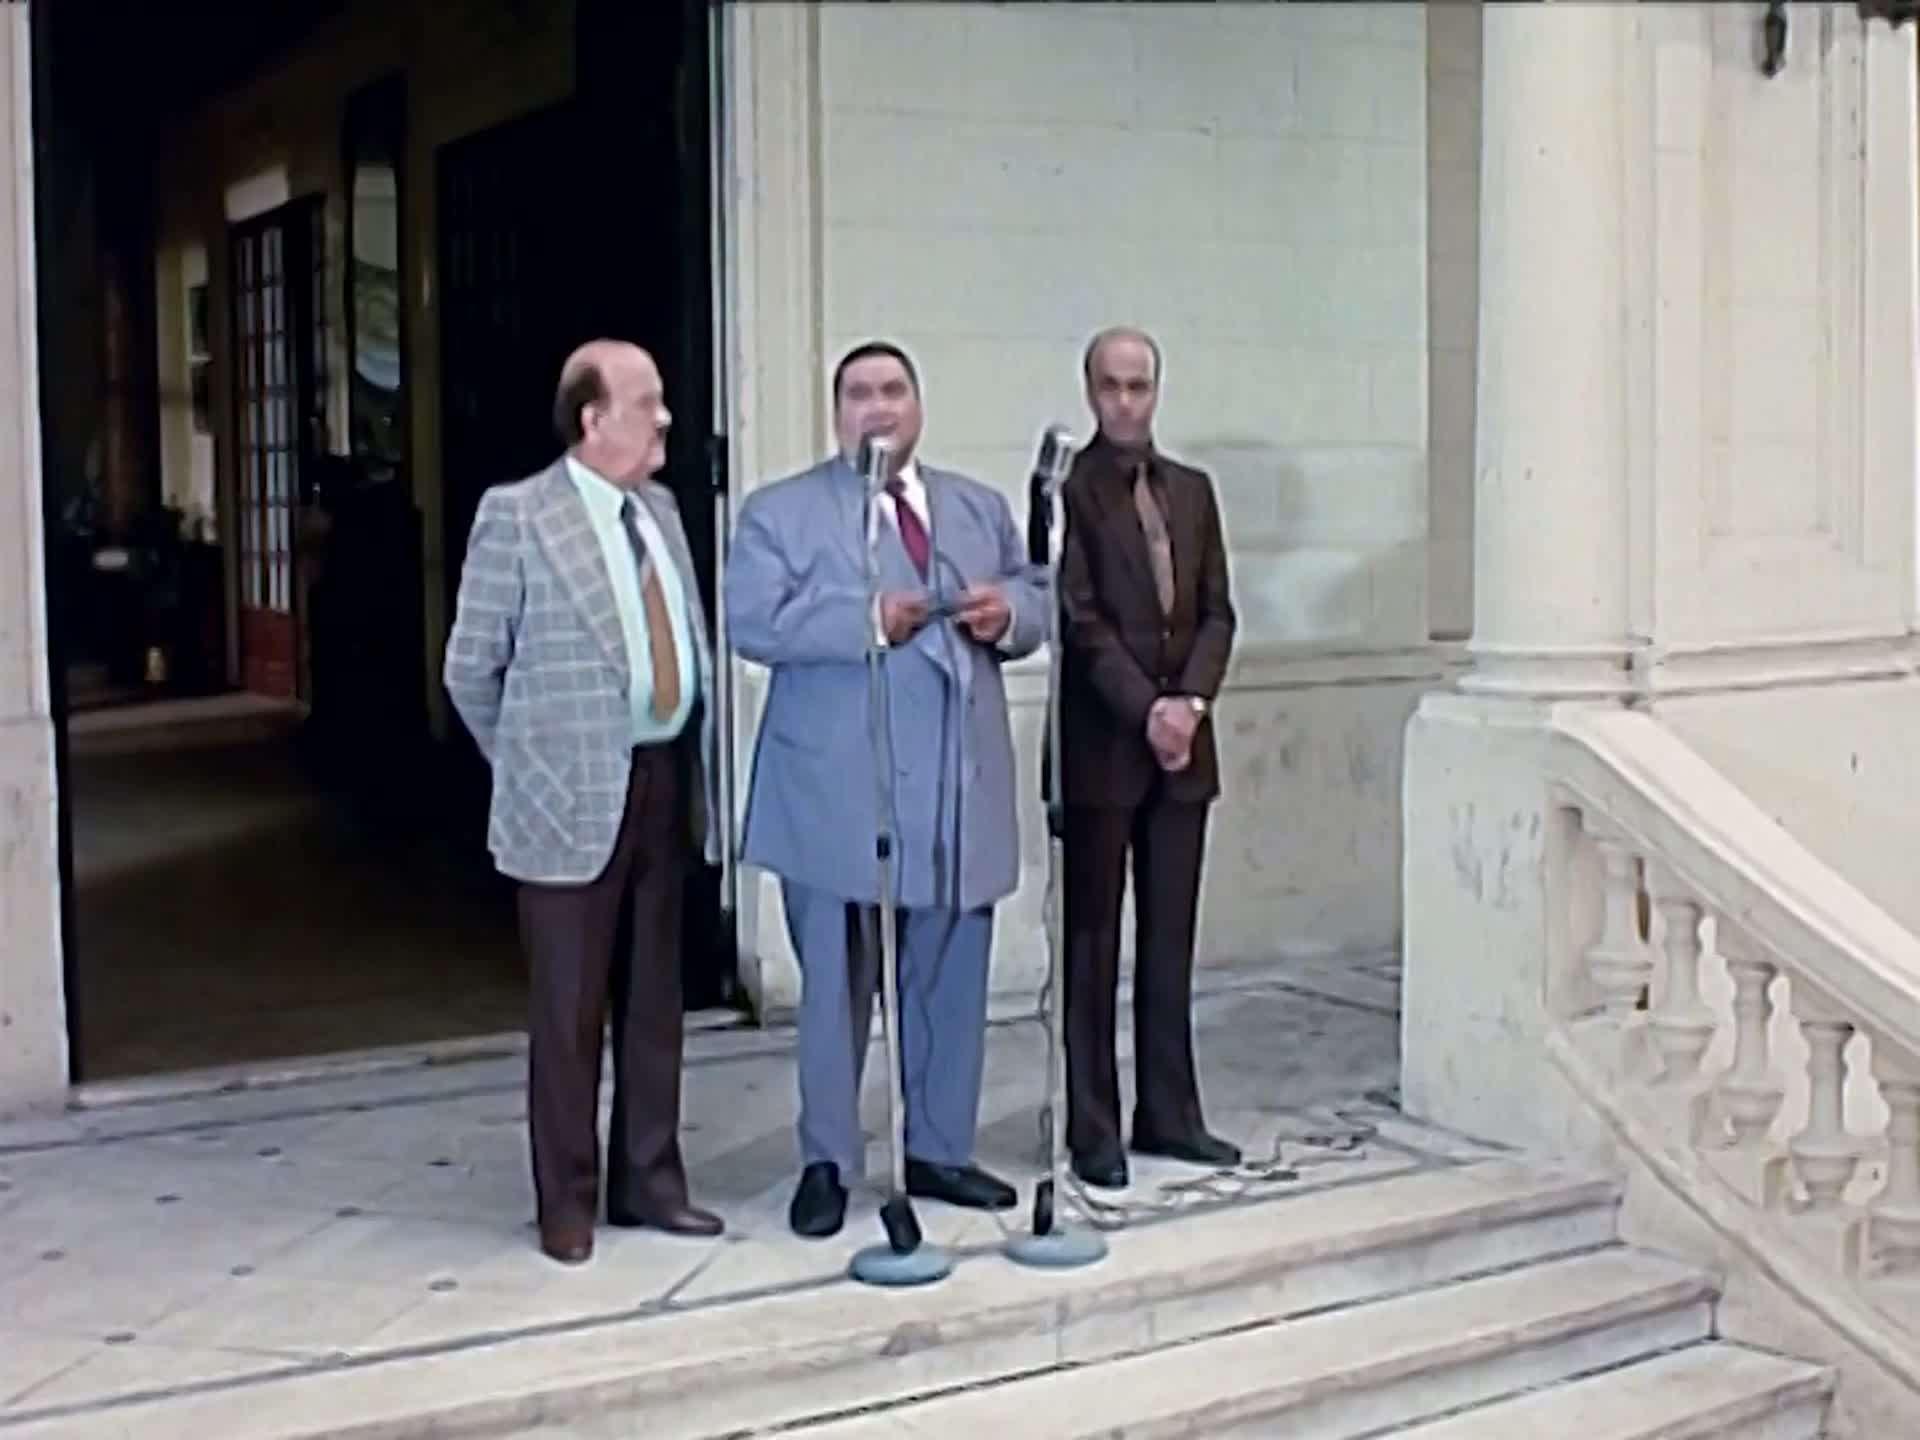 [فيلم][تورنت][تحميل][الناظر][2000][1080p][Web-DL] 13 arabp2p.com